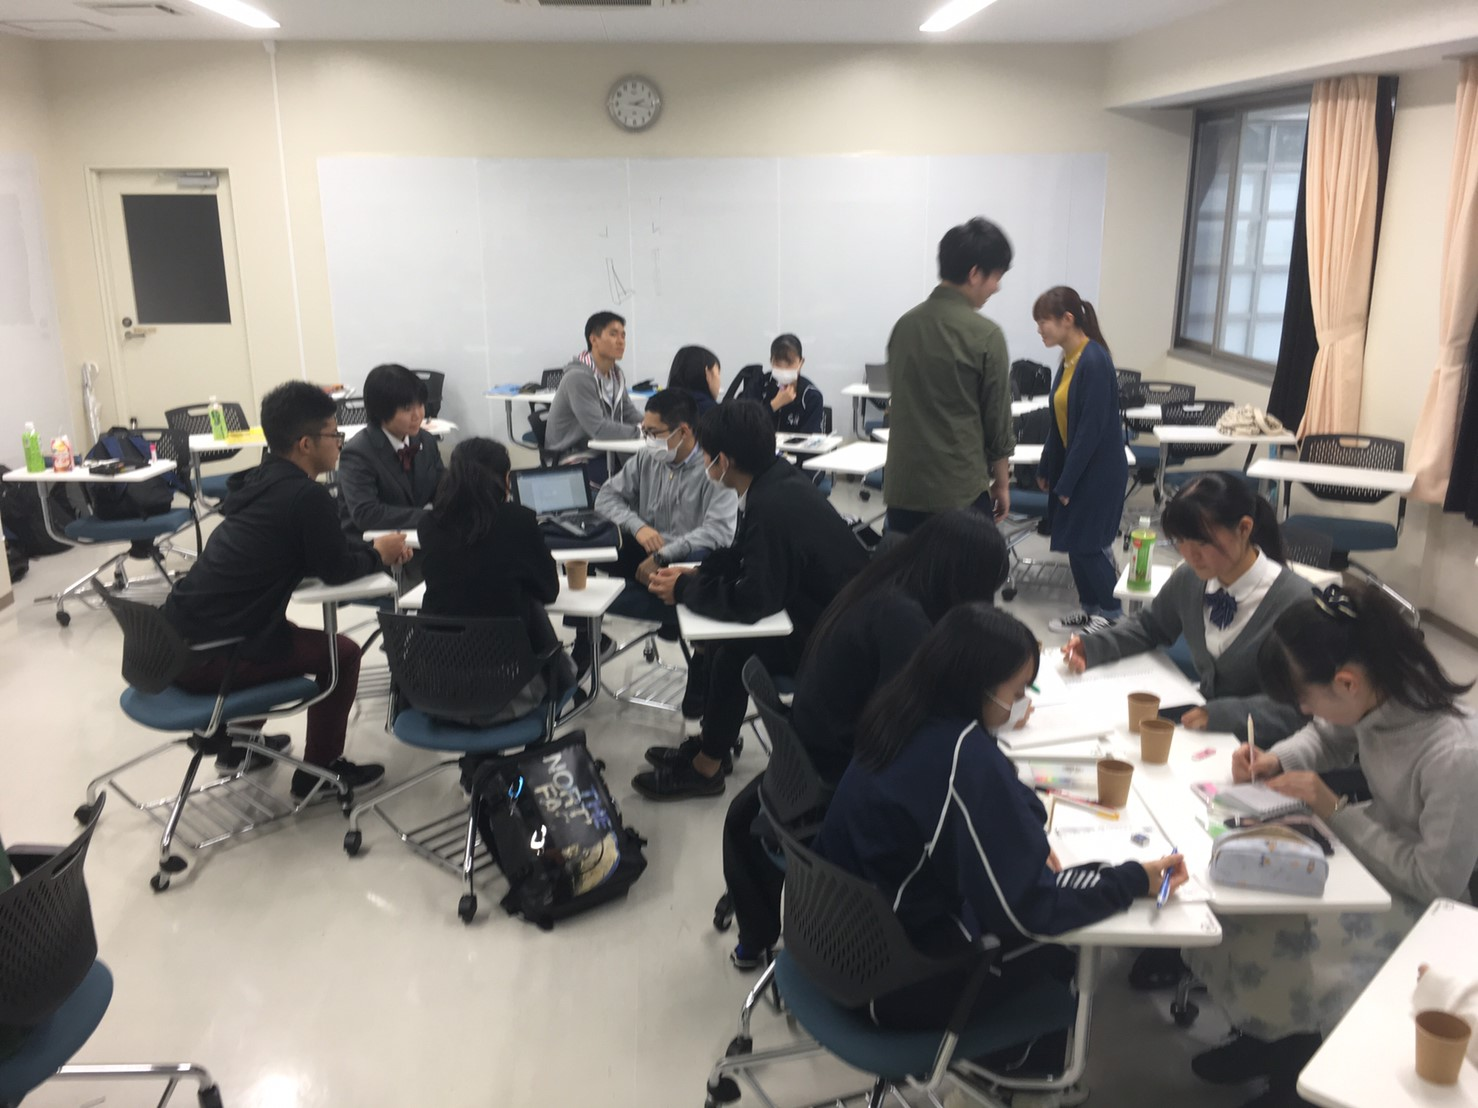 今日は福島大学に集まって活動しました!